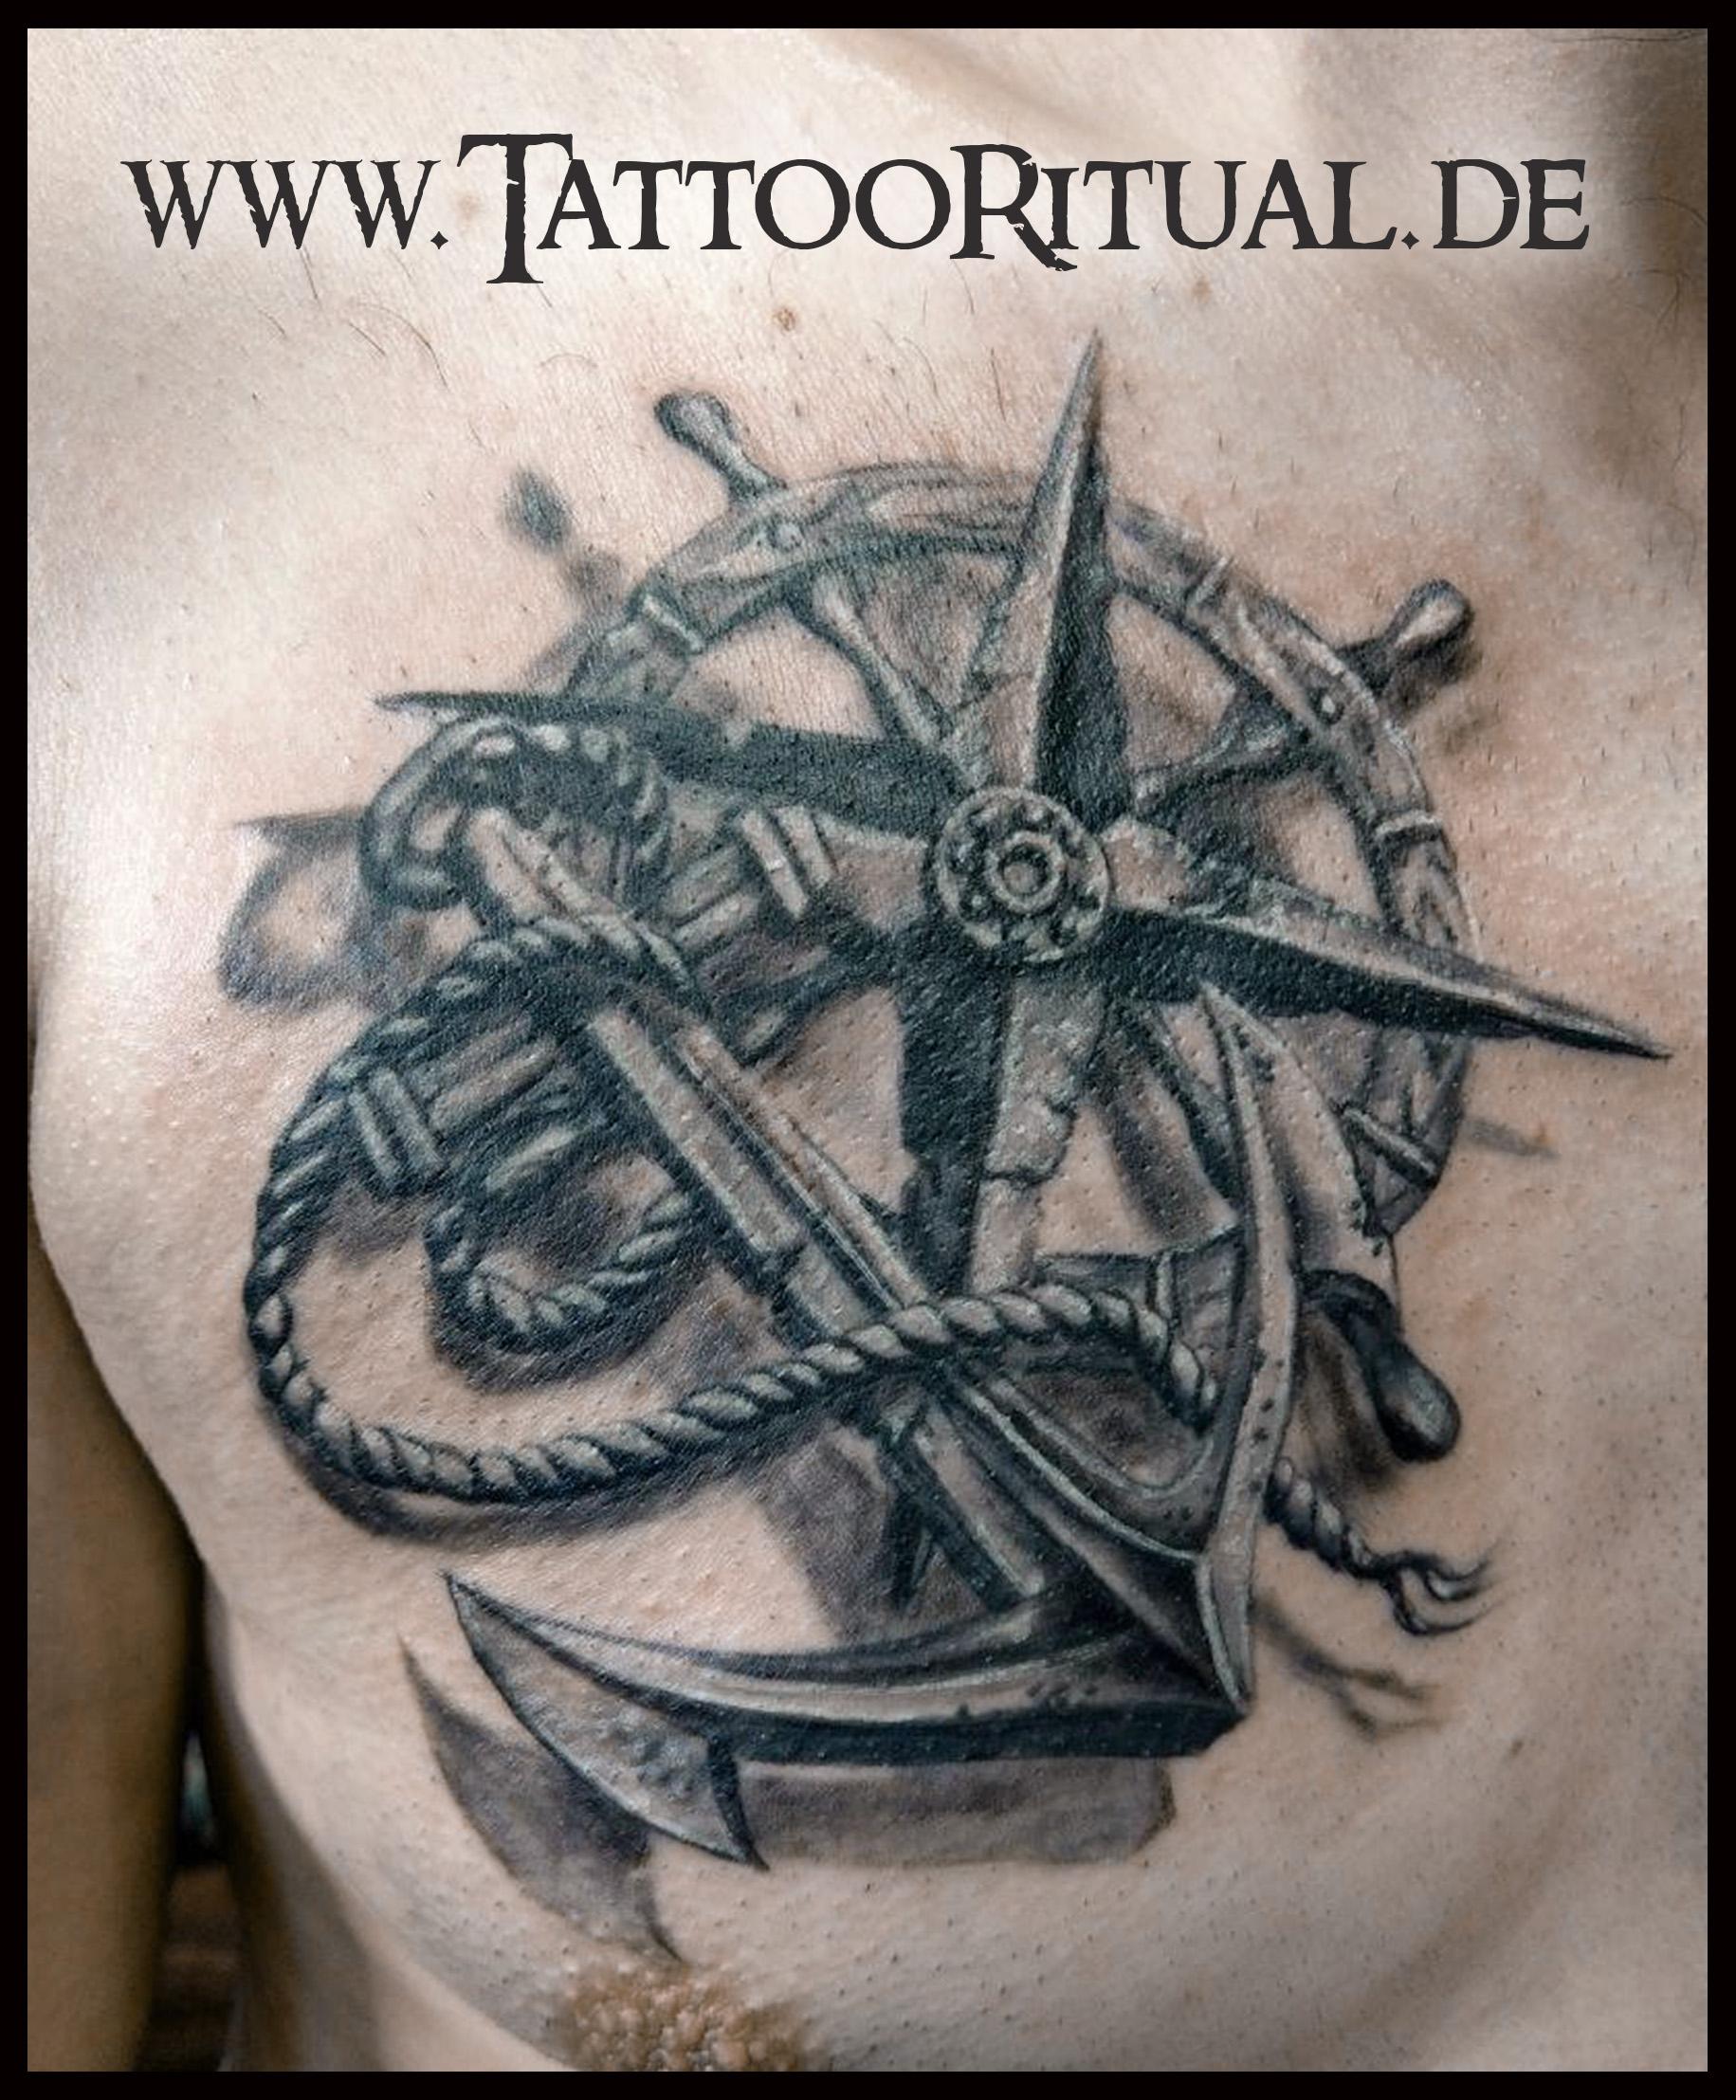 Tattoo-Pflege und anschließende Entgiftung - TattooRitual - Dein ... - Tattoo Nachbehandlung